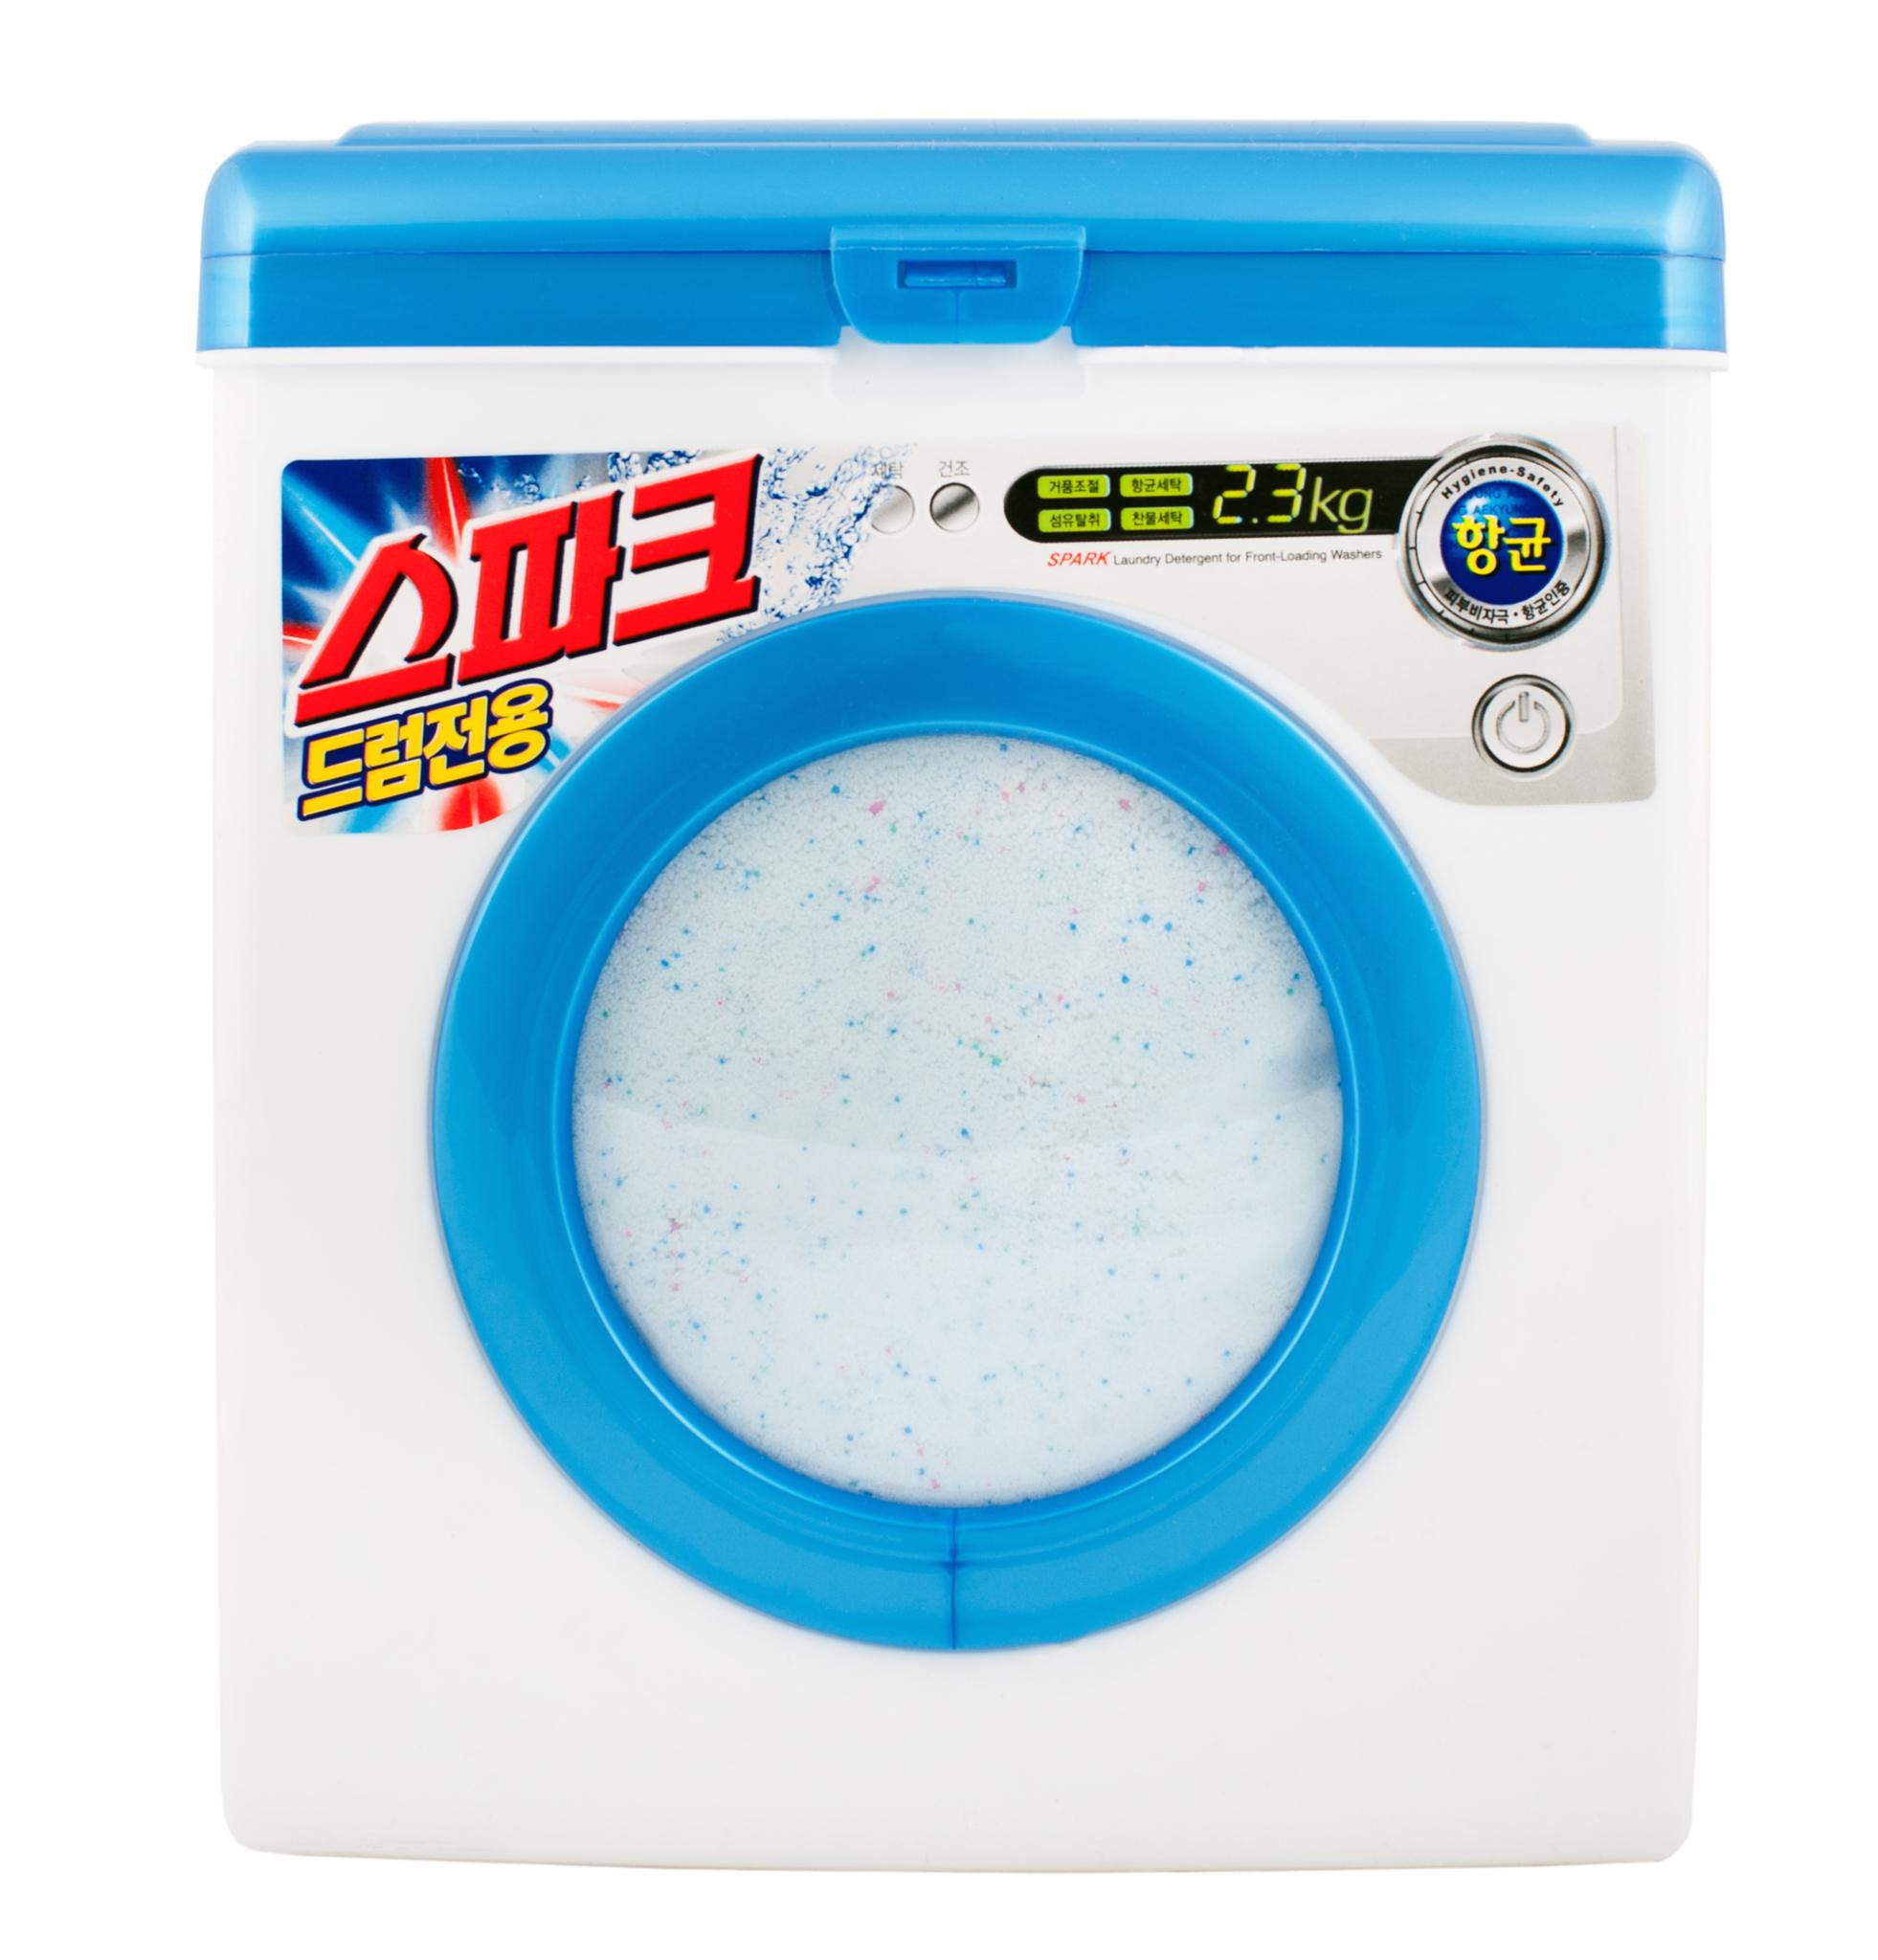 Купить Стиральный порошок Spark DRUM 2, 3кг (пластик уп.) 867853